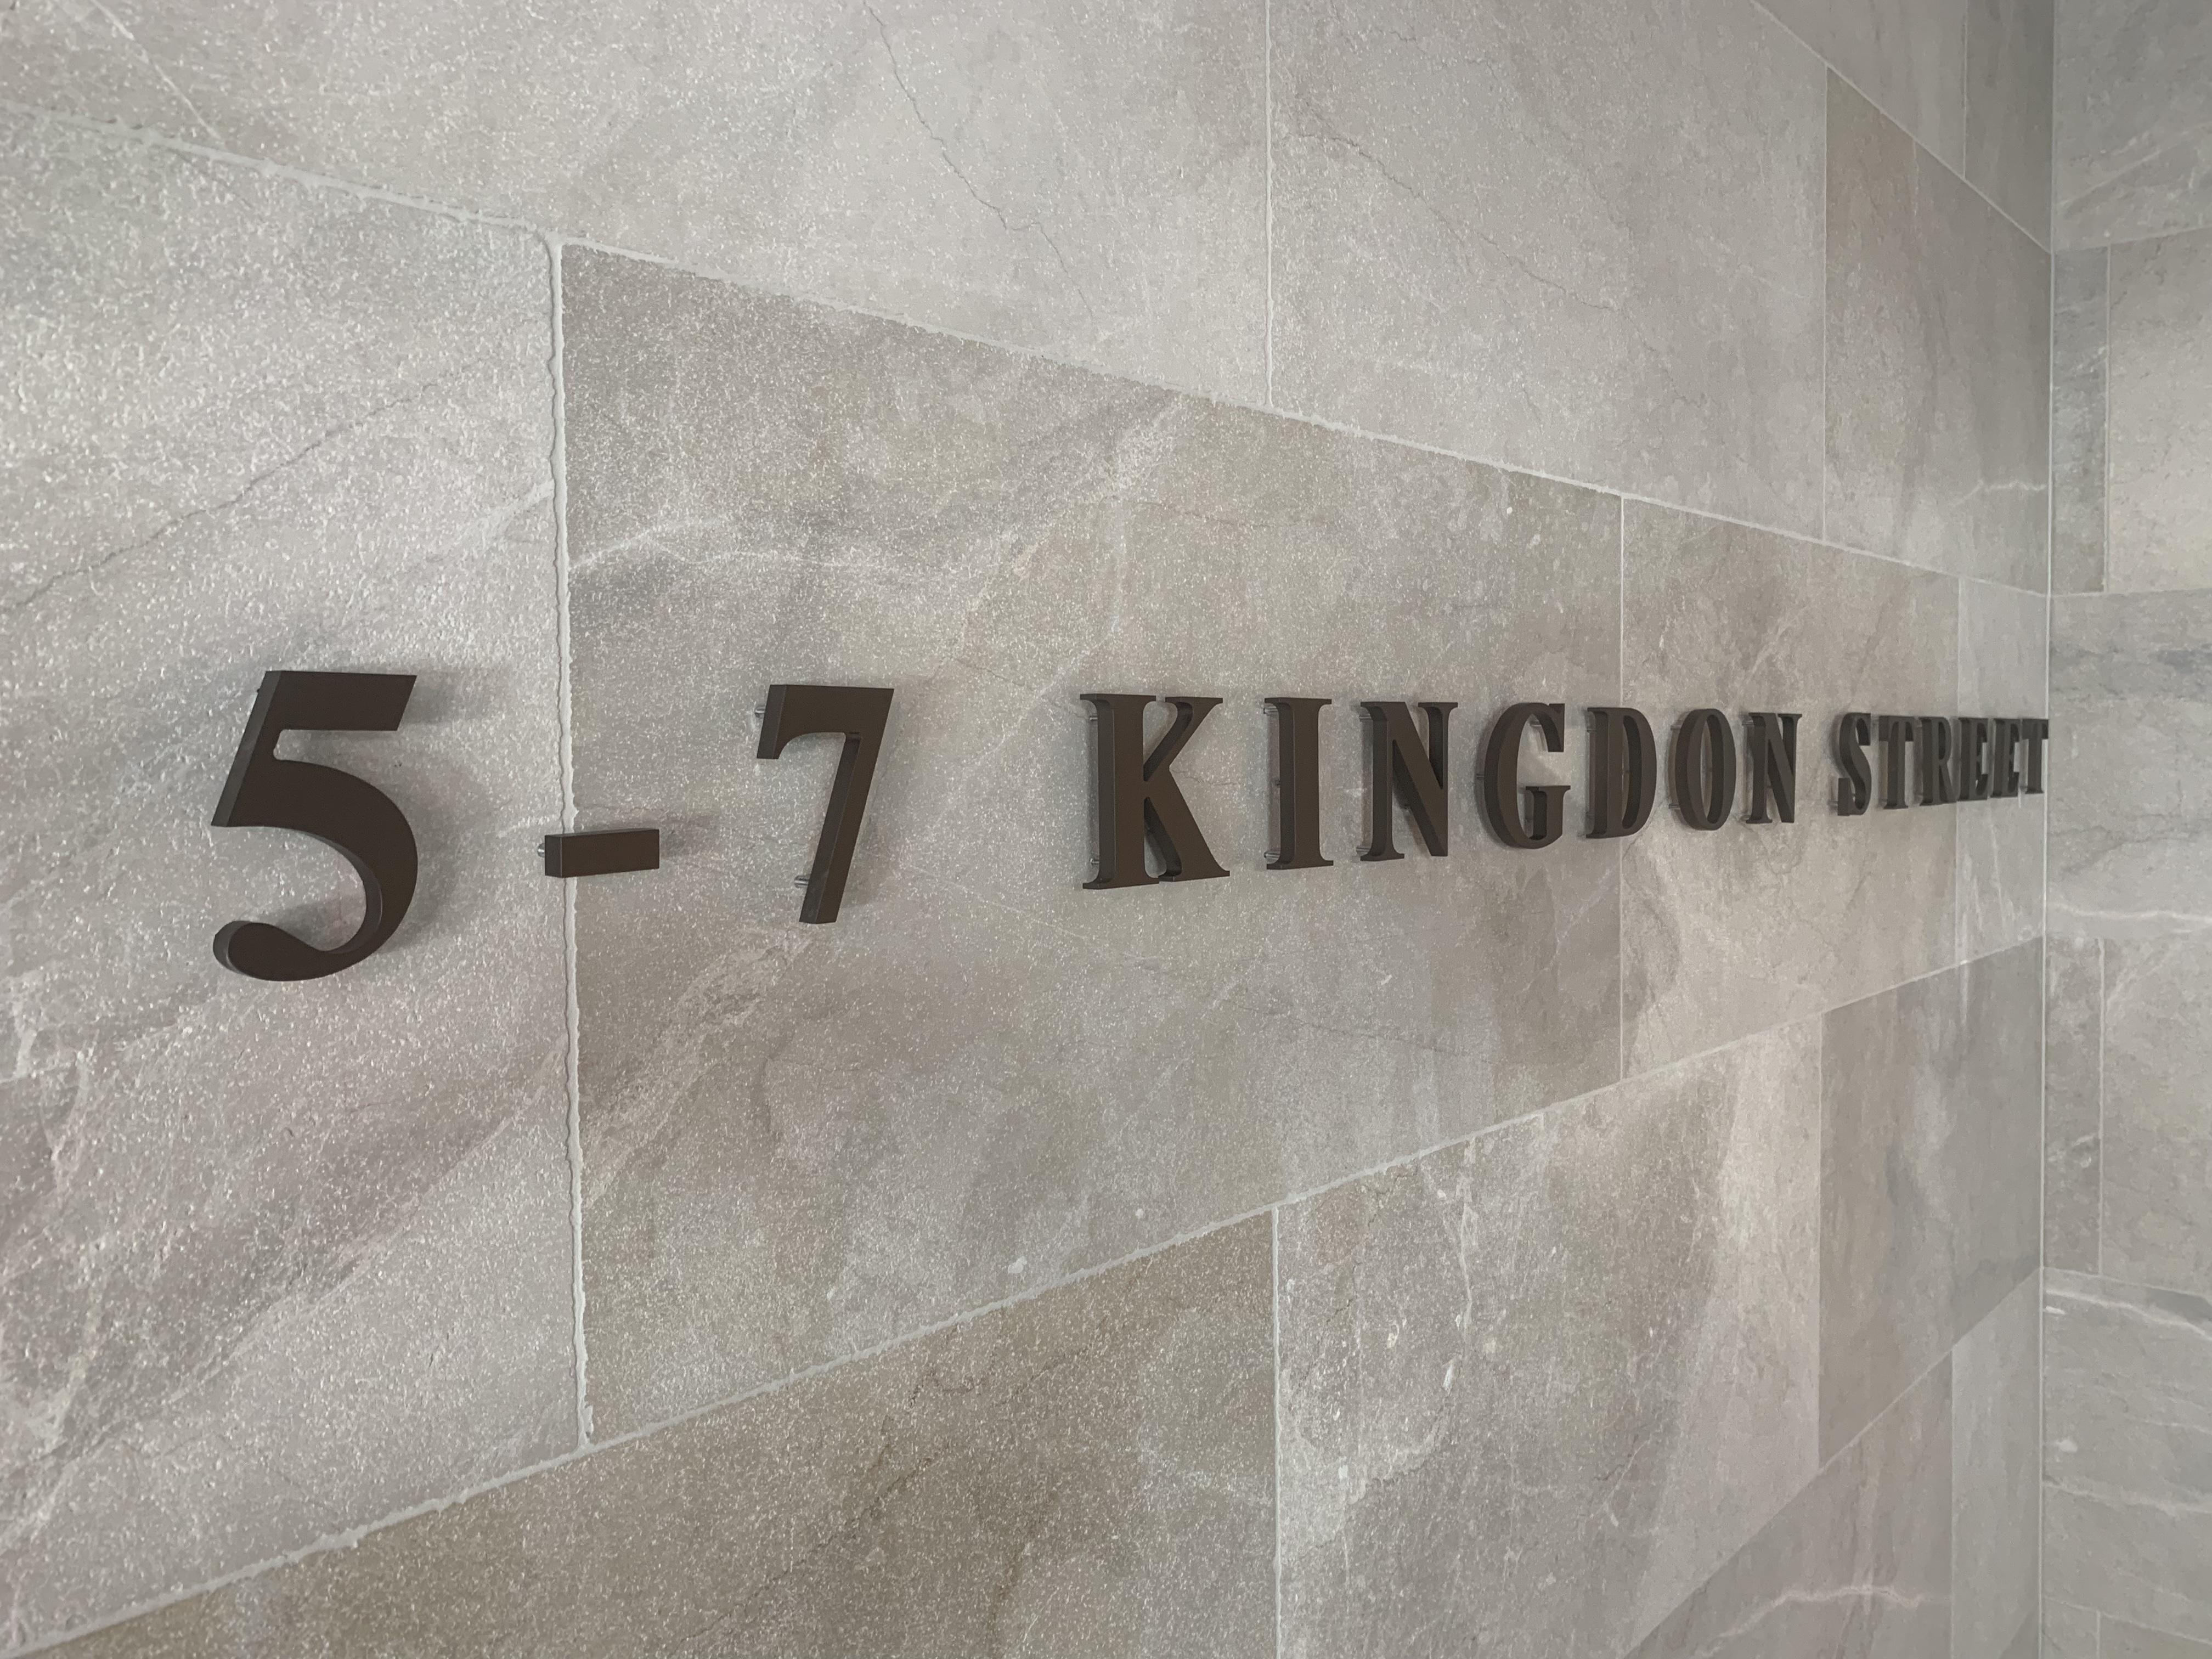 Kingdon St 3D letters